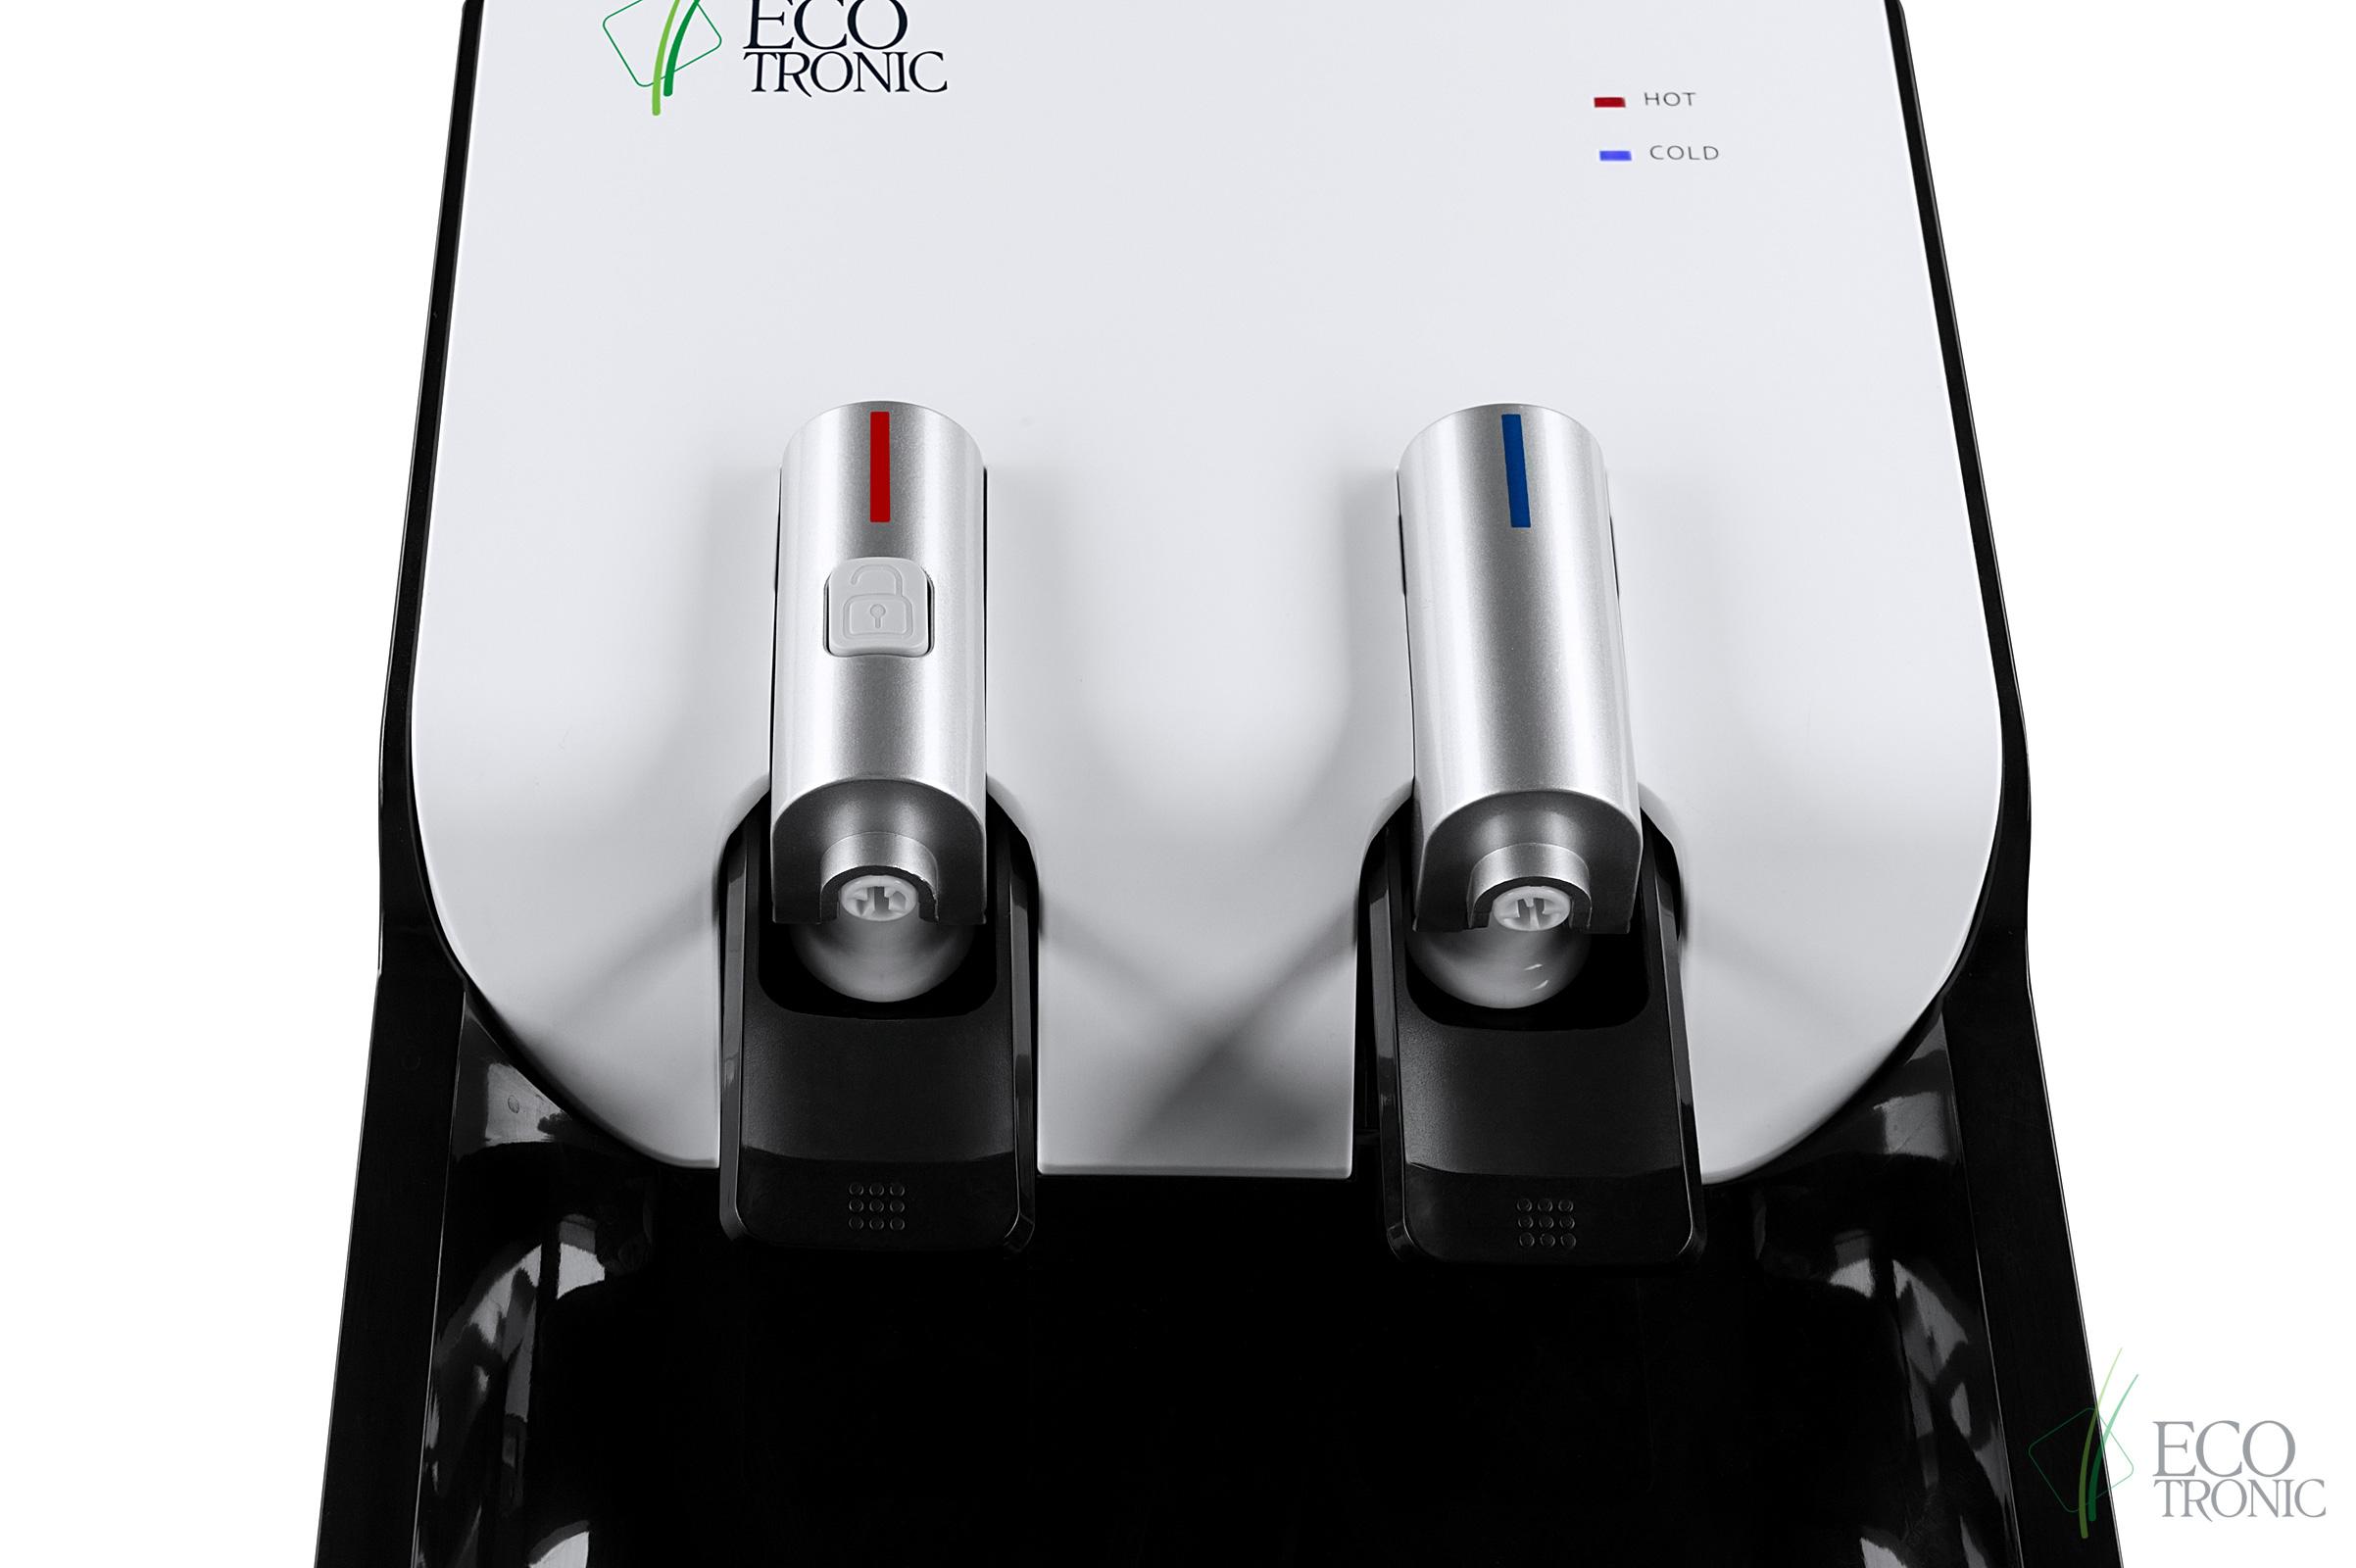 Кулер Ecotronic M40-LF white+black